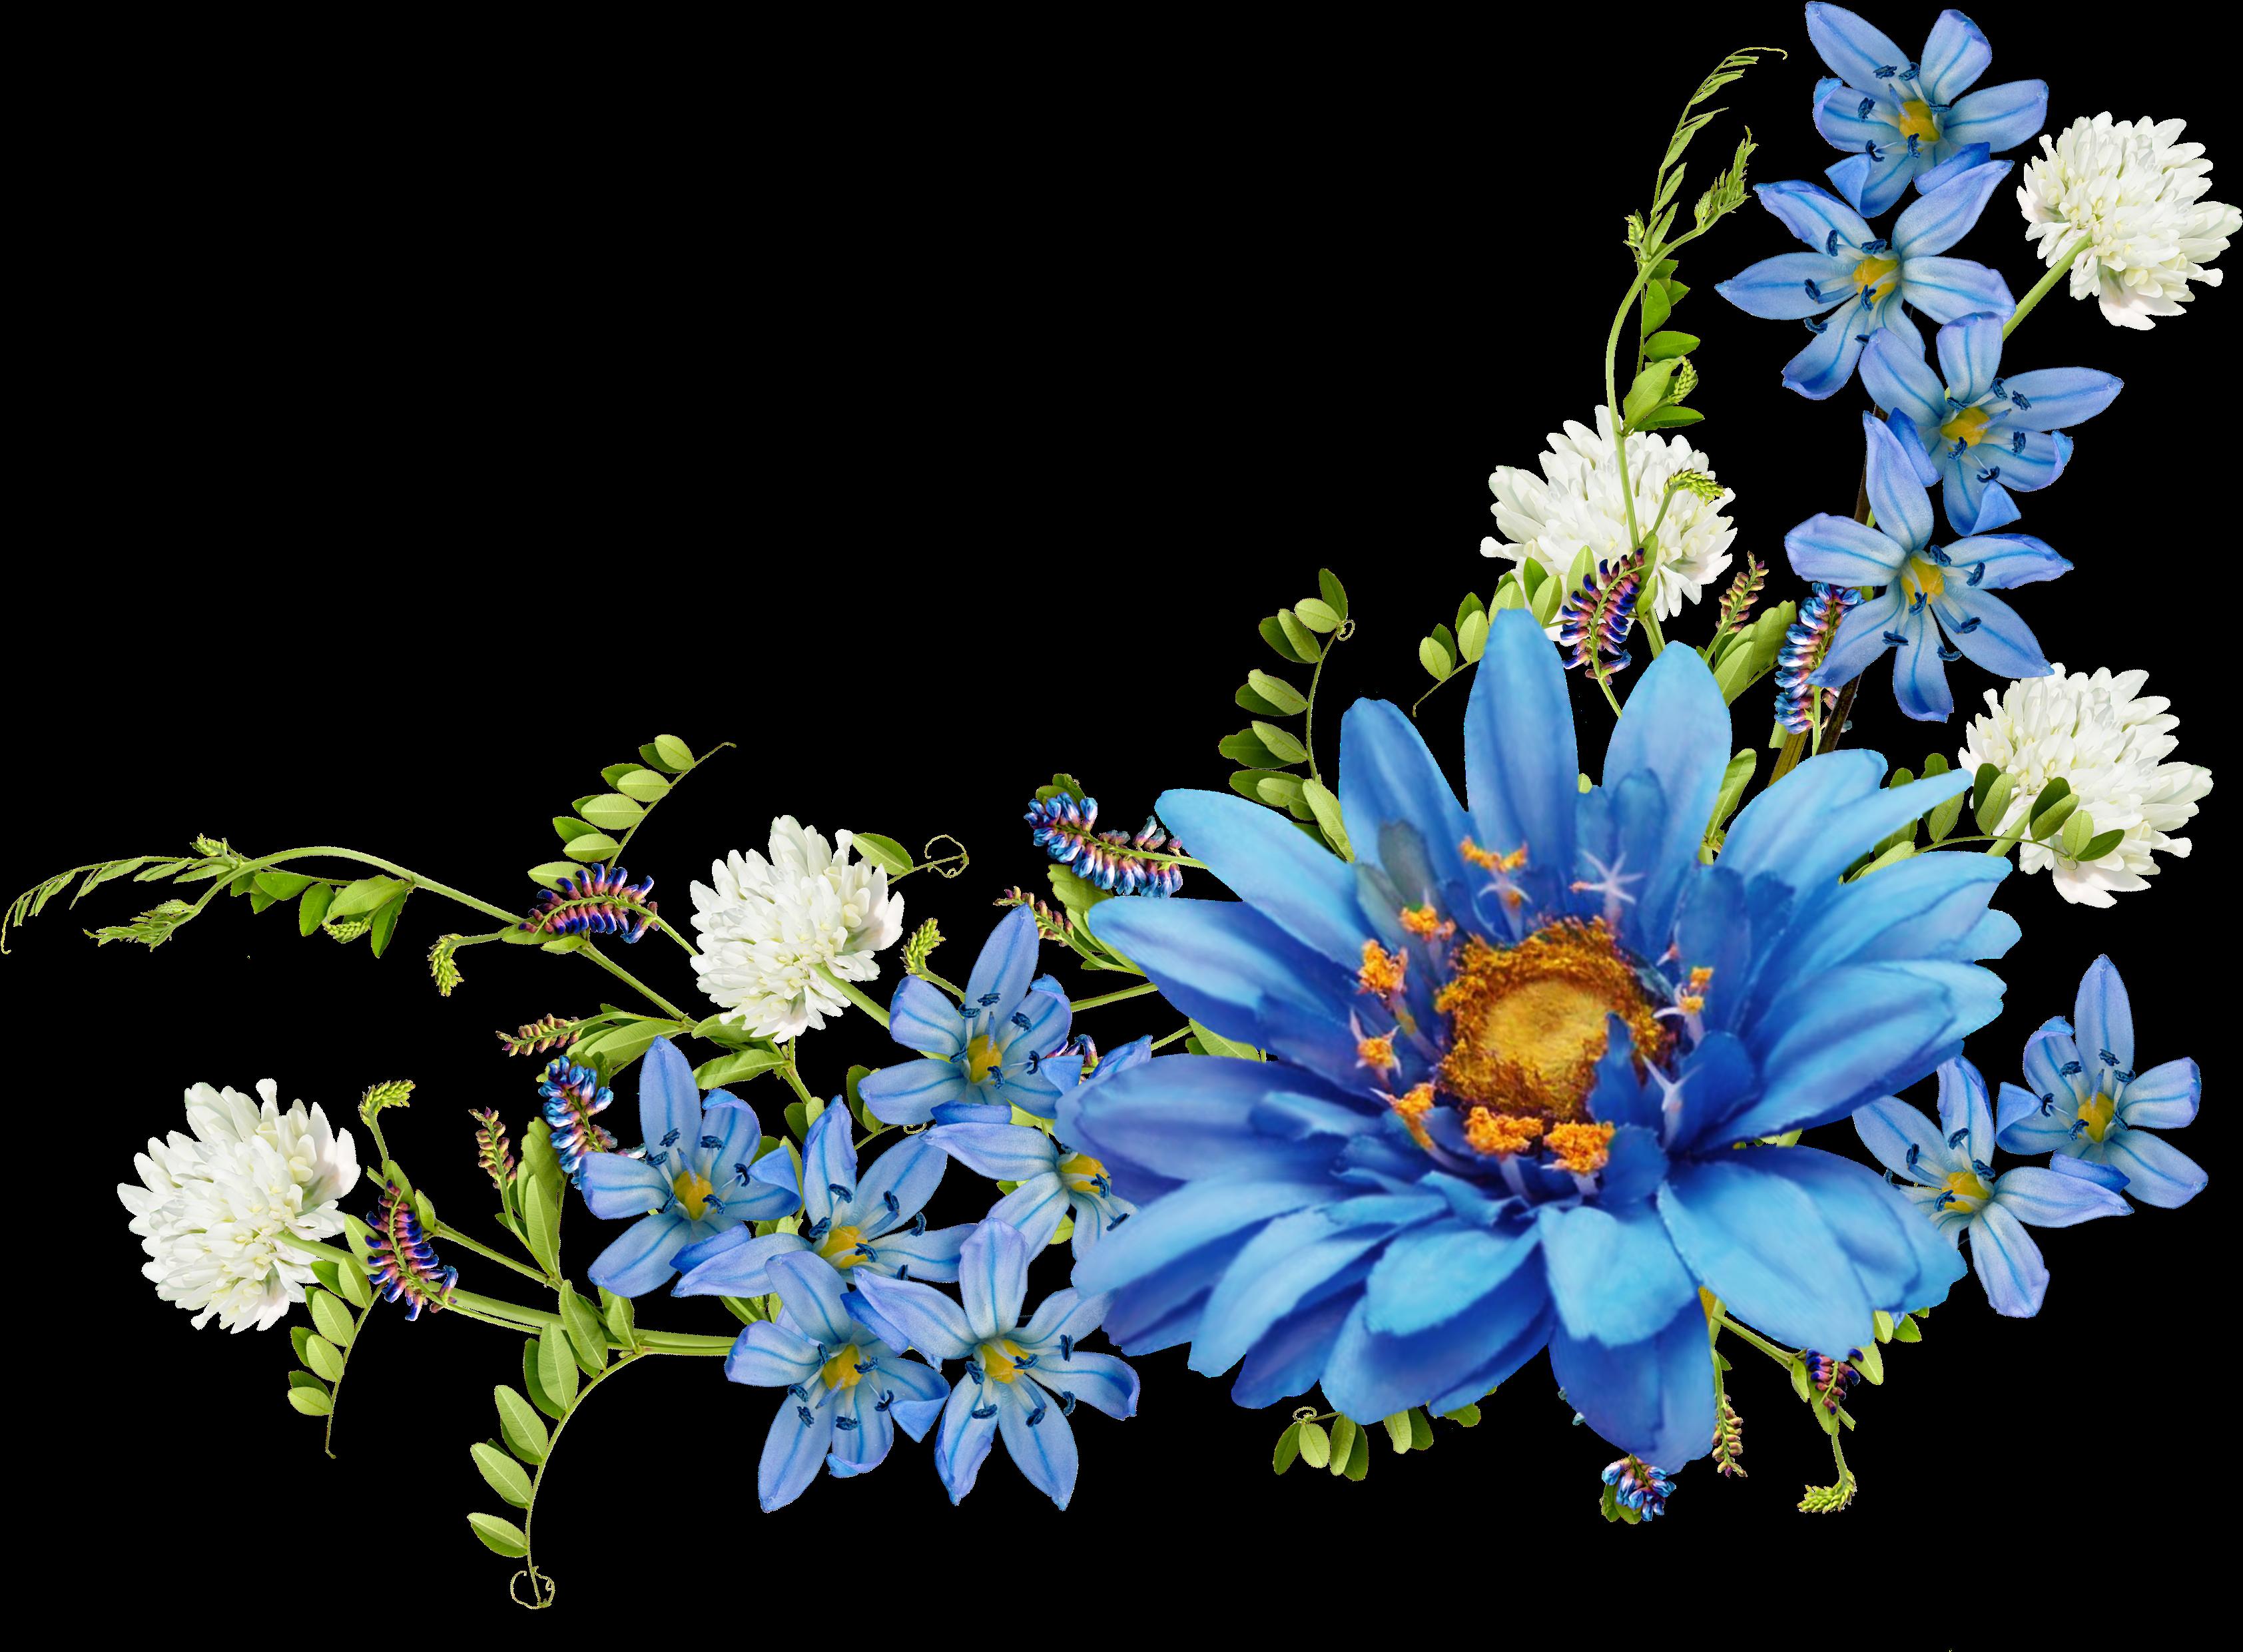 Download And Share Clipart About Flower Desktop Wallpaper Blue Wallpaper Blue Flower Corner Border Flower Border Png Blue Flower Png Flower Desktop Wallpaper